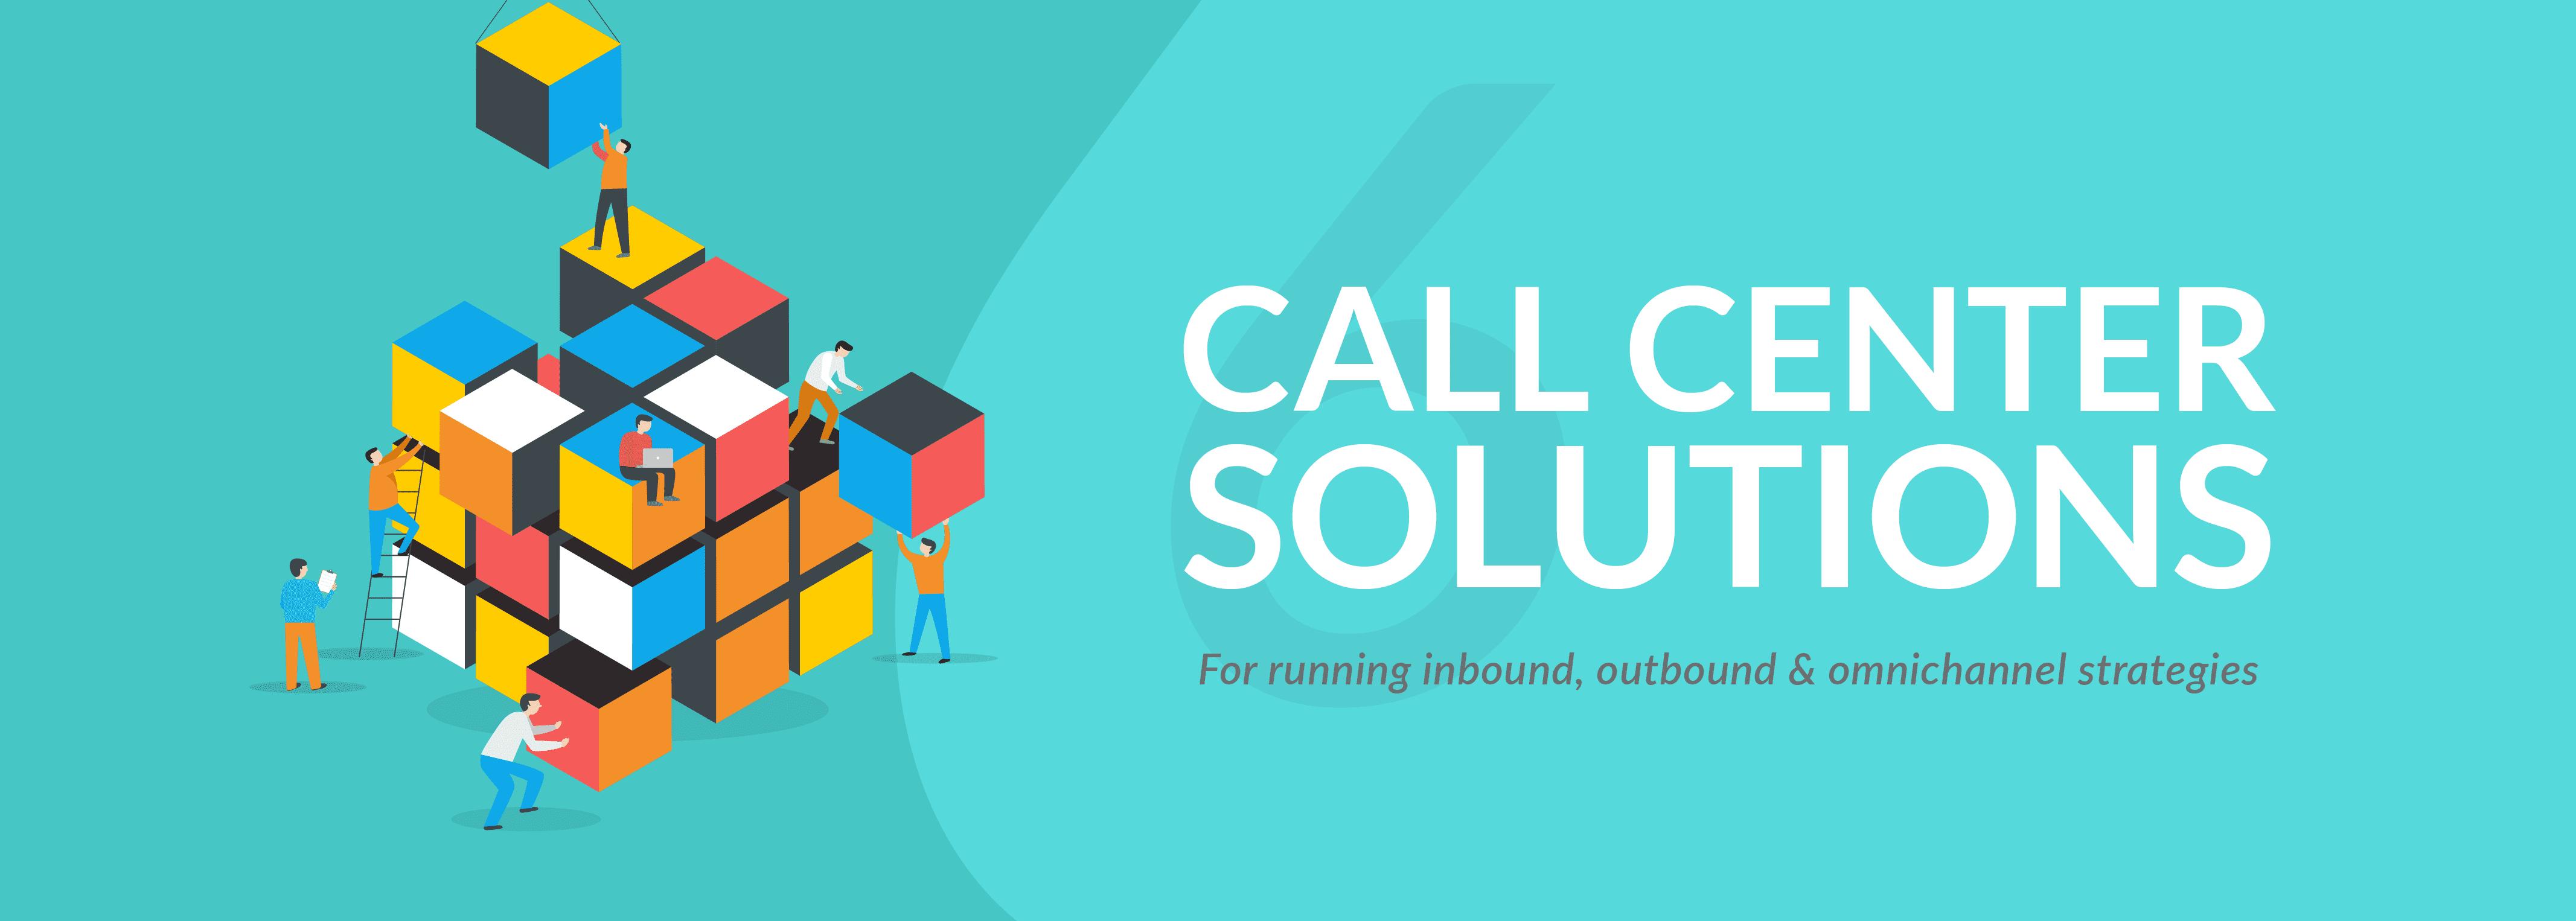 call center software, inbound call center, customer service